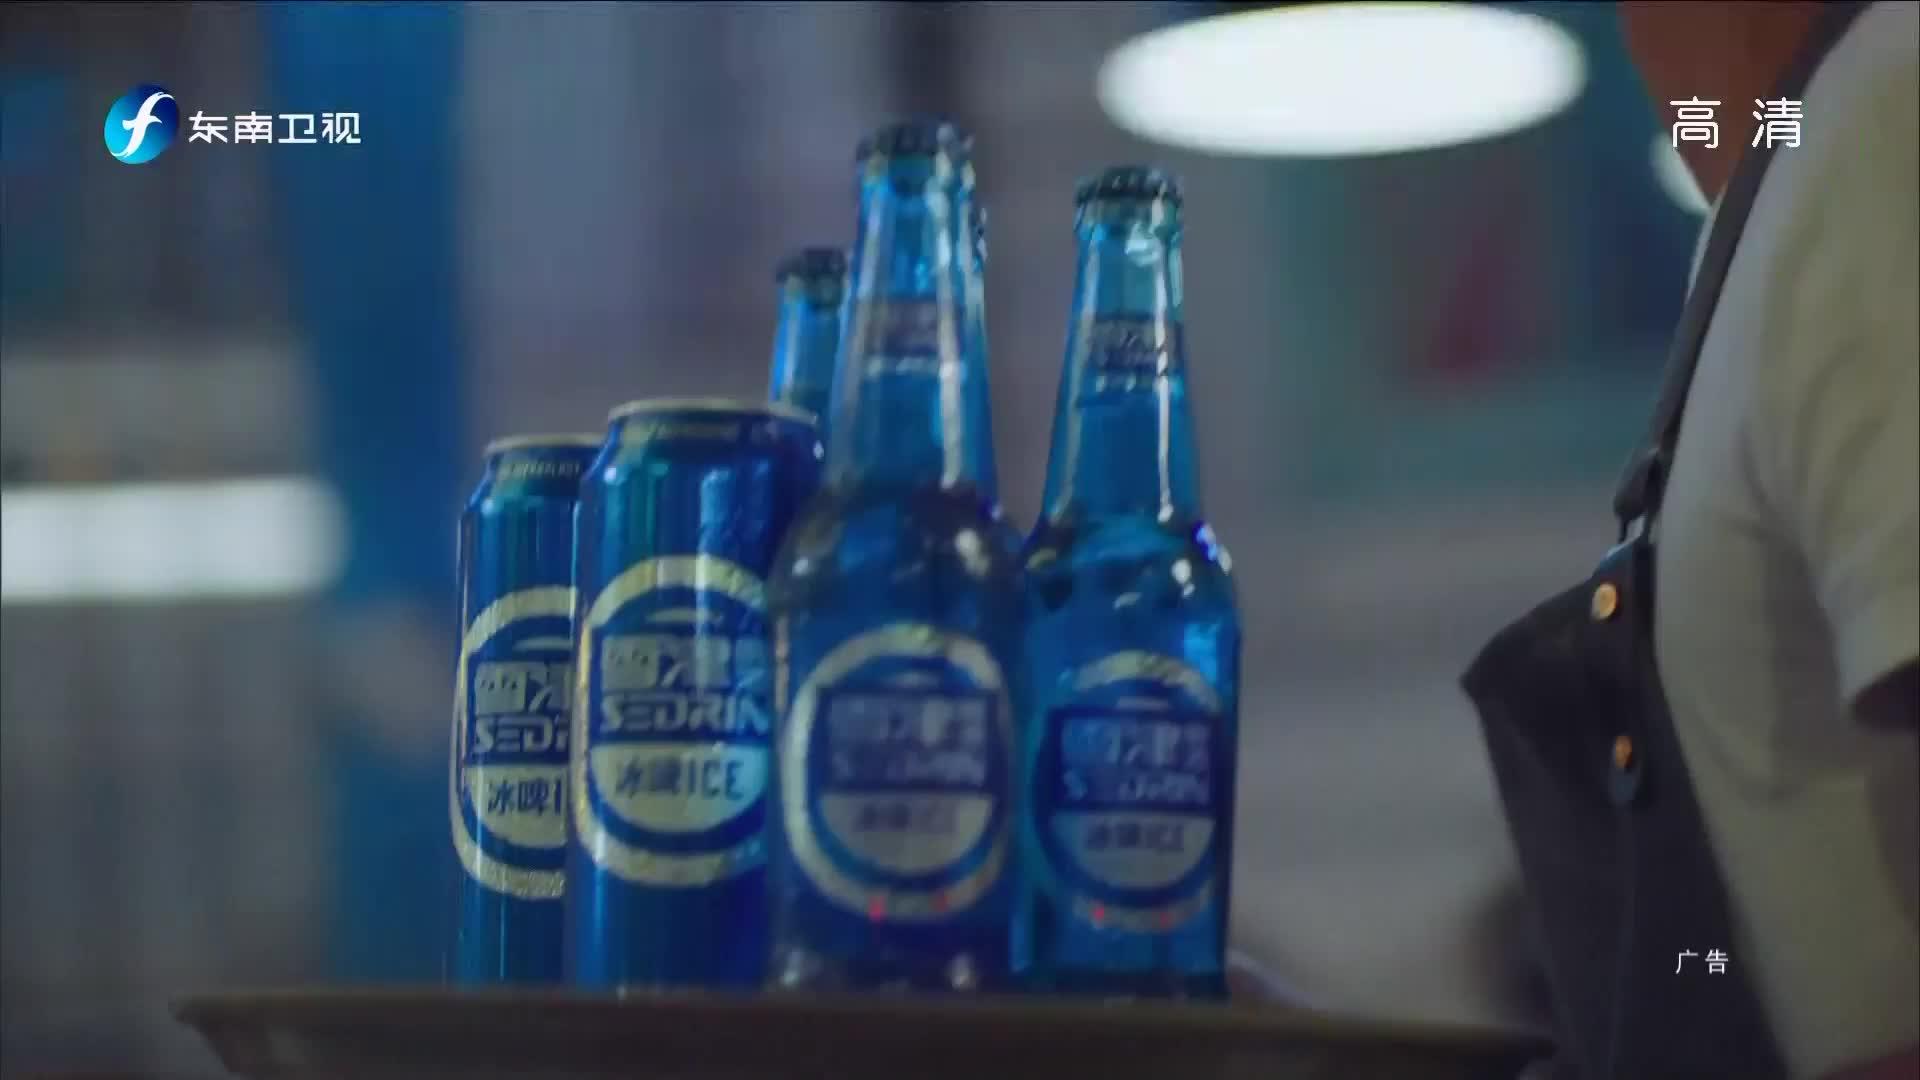 央视广告欣赏-雪津啤酒-6